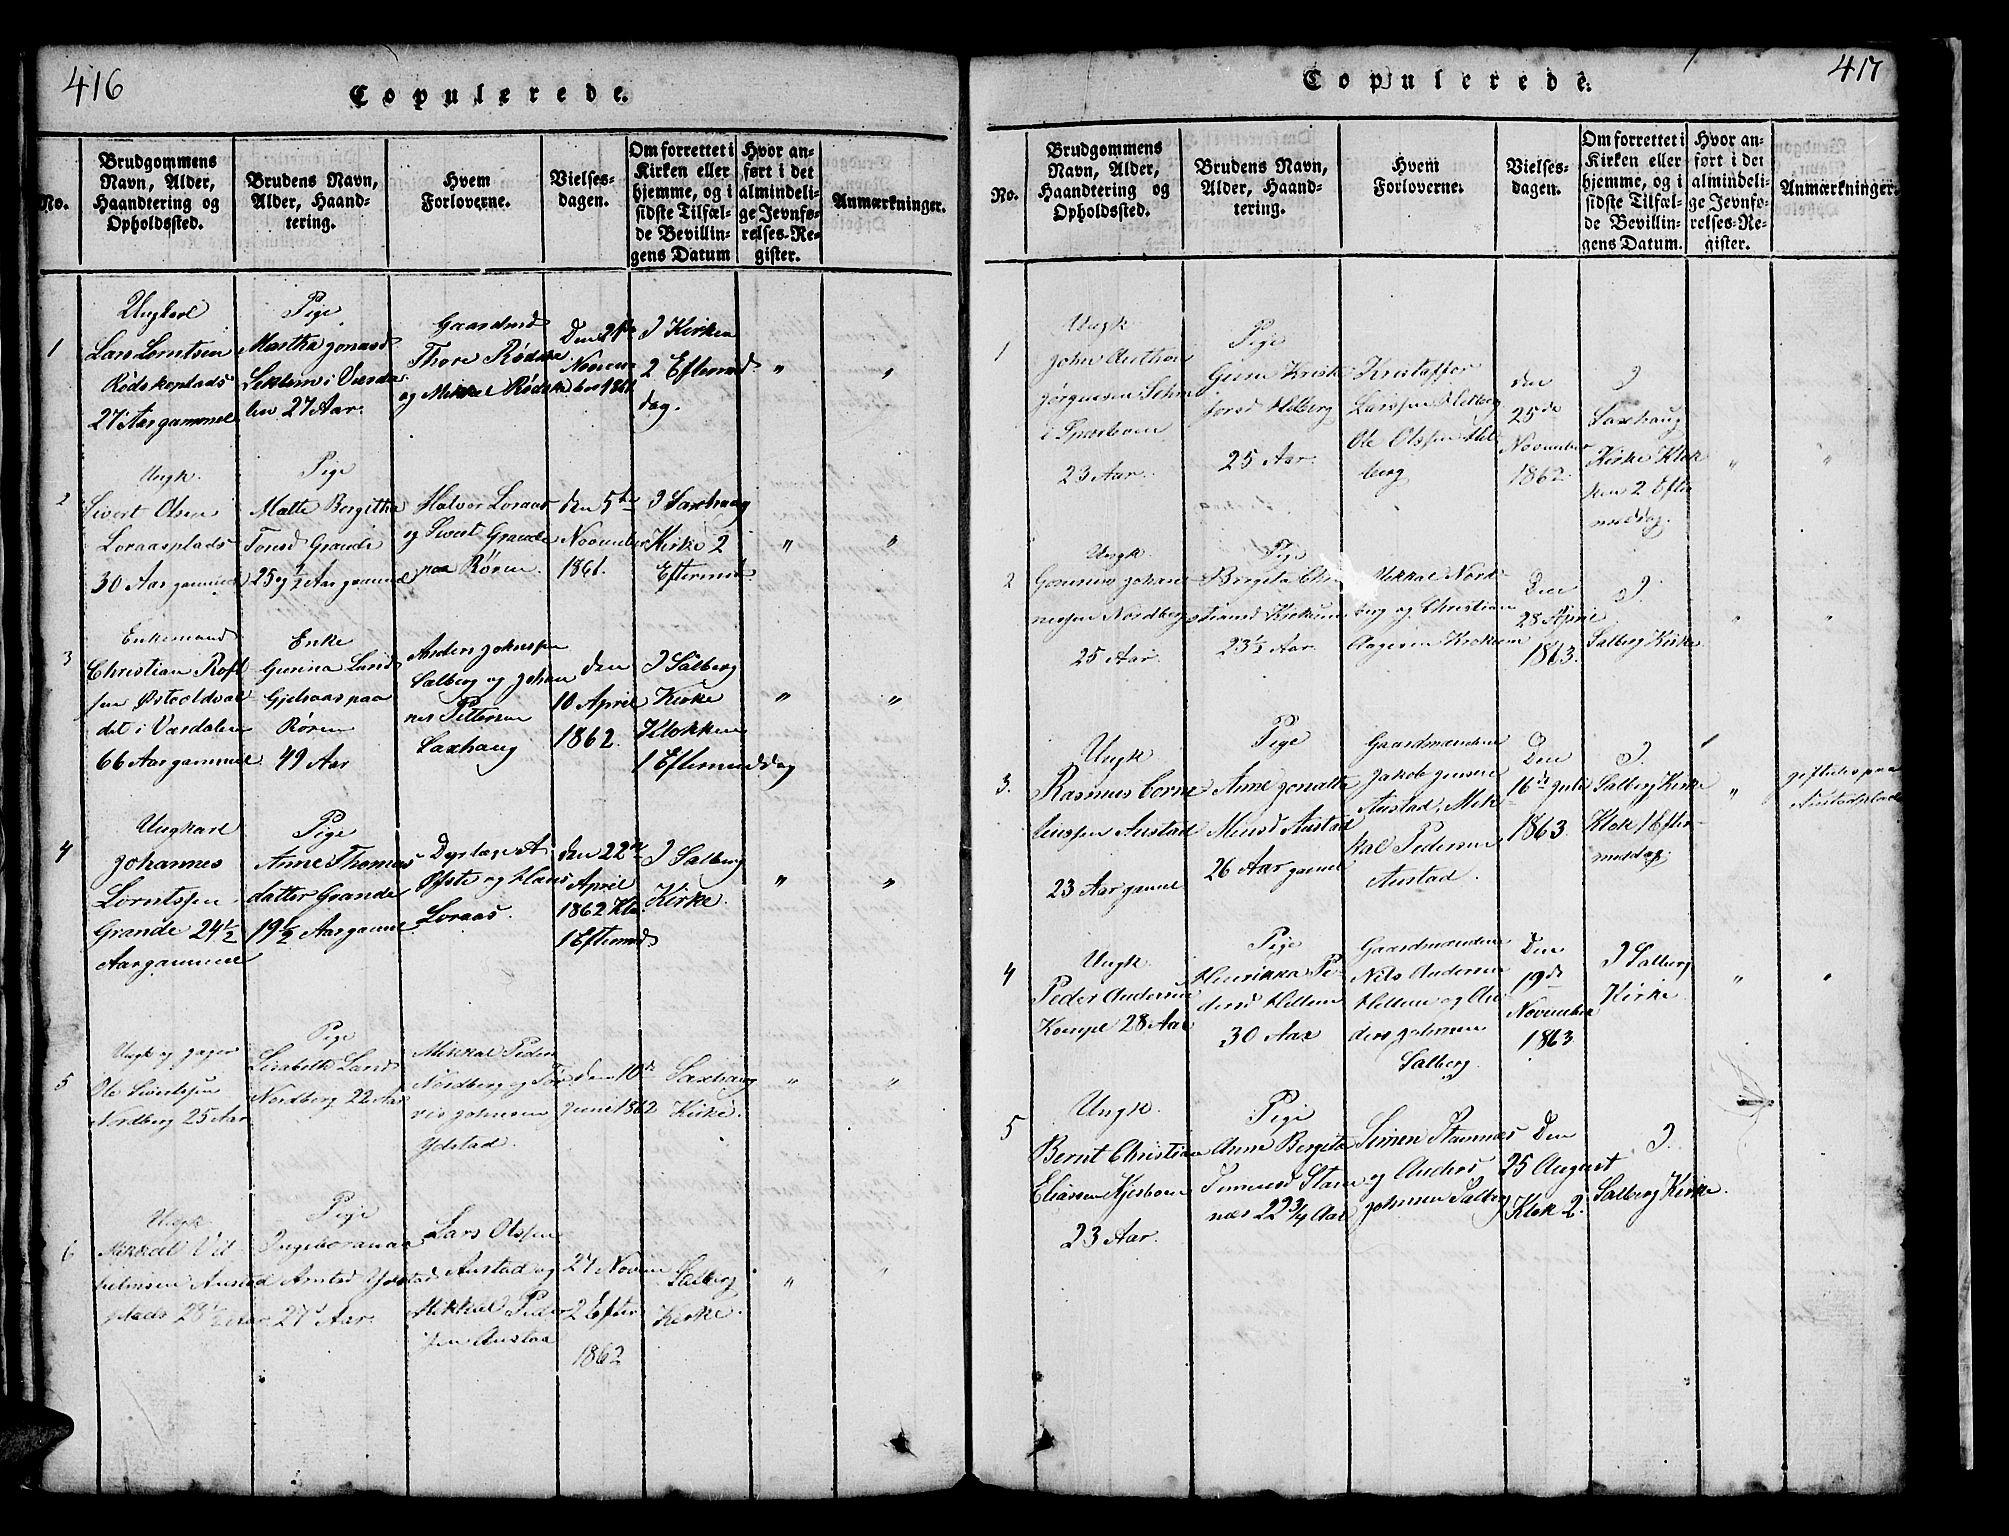 SAT, Ministerialprotokoller, klokkerbøker og fødselsregistre - Nord-Trøndelag, 731/L0310: Klokkerbok nr. 731C01, 1816-1874, s. 416-417